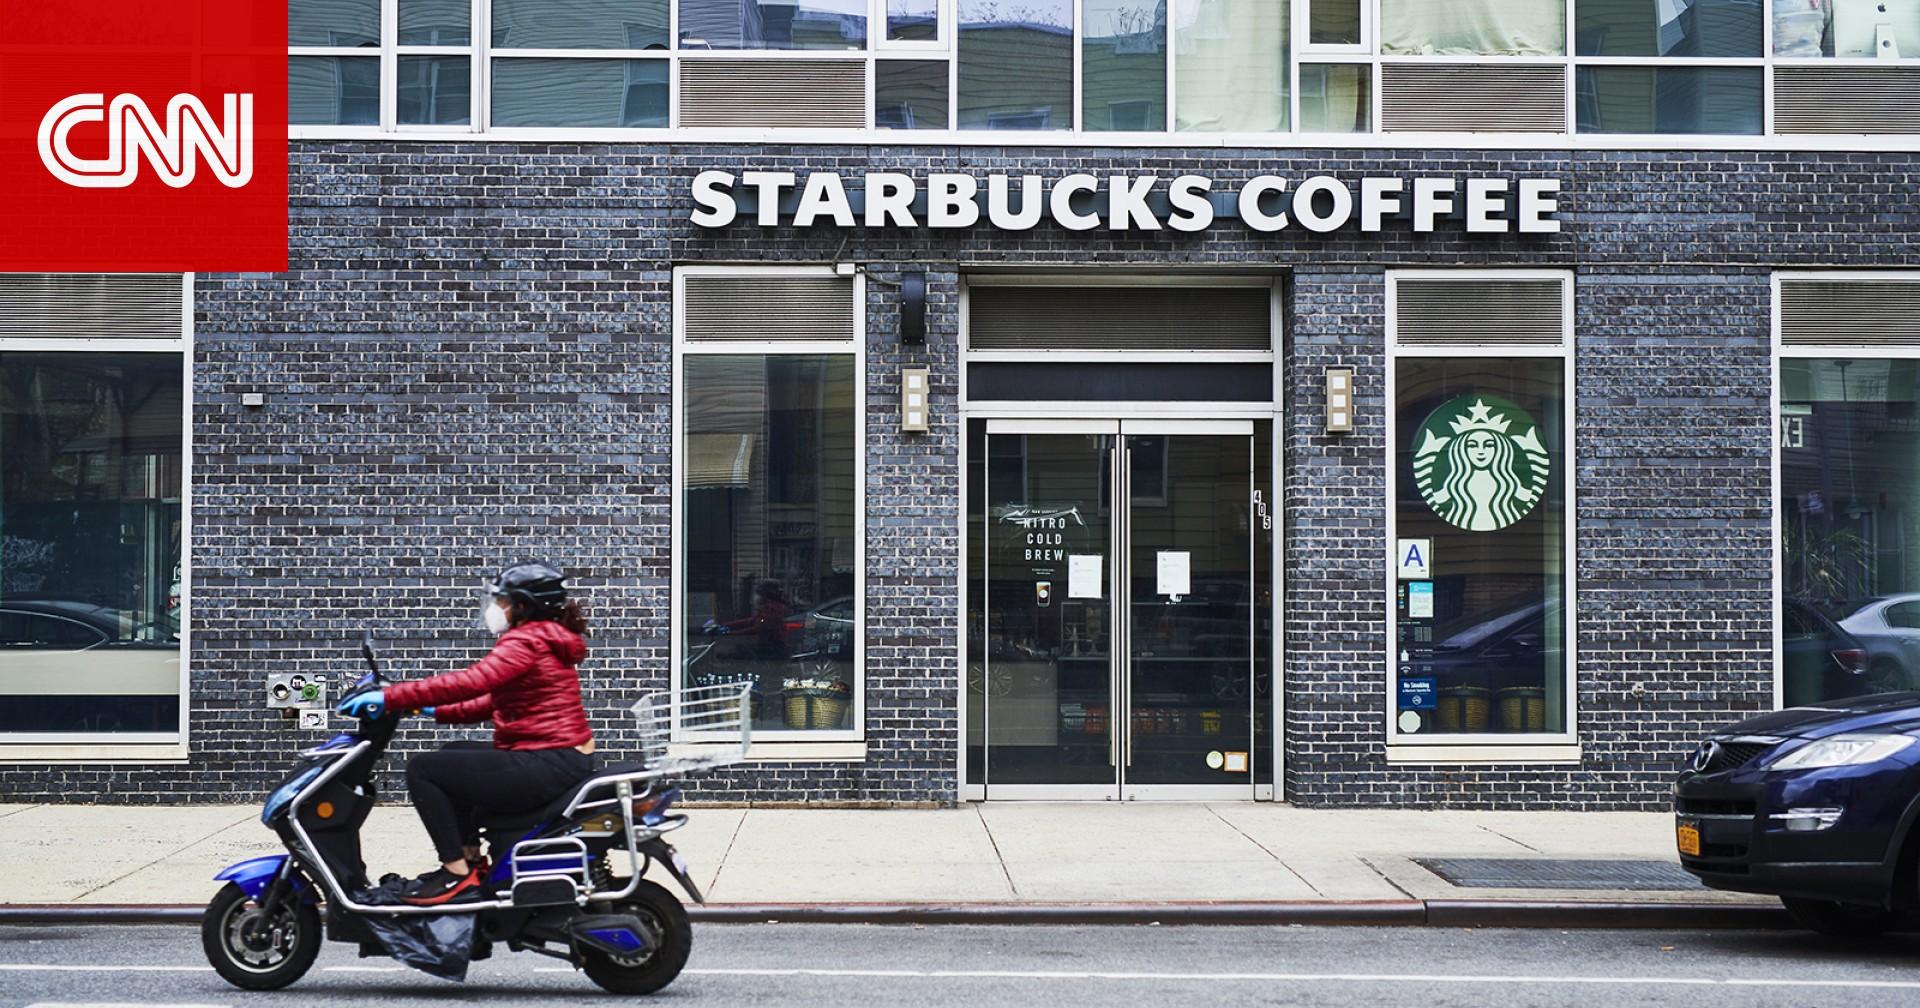 بعد كورونا.. ستاربكس تغلق 400 مقهى في أمريكا وتستبدلها بمتاجر صغيرة لاستلام الطلبات